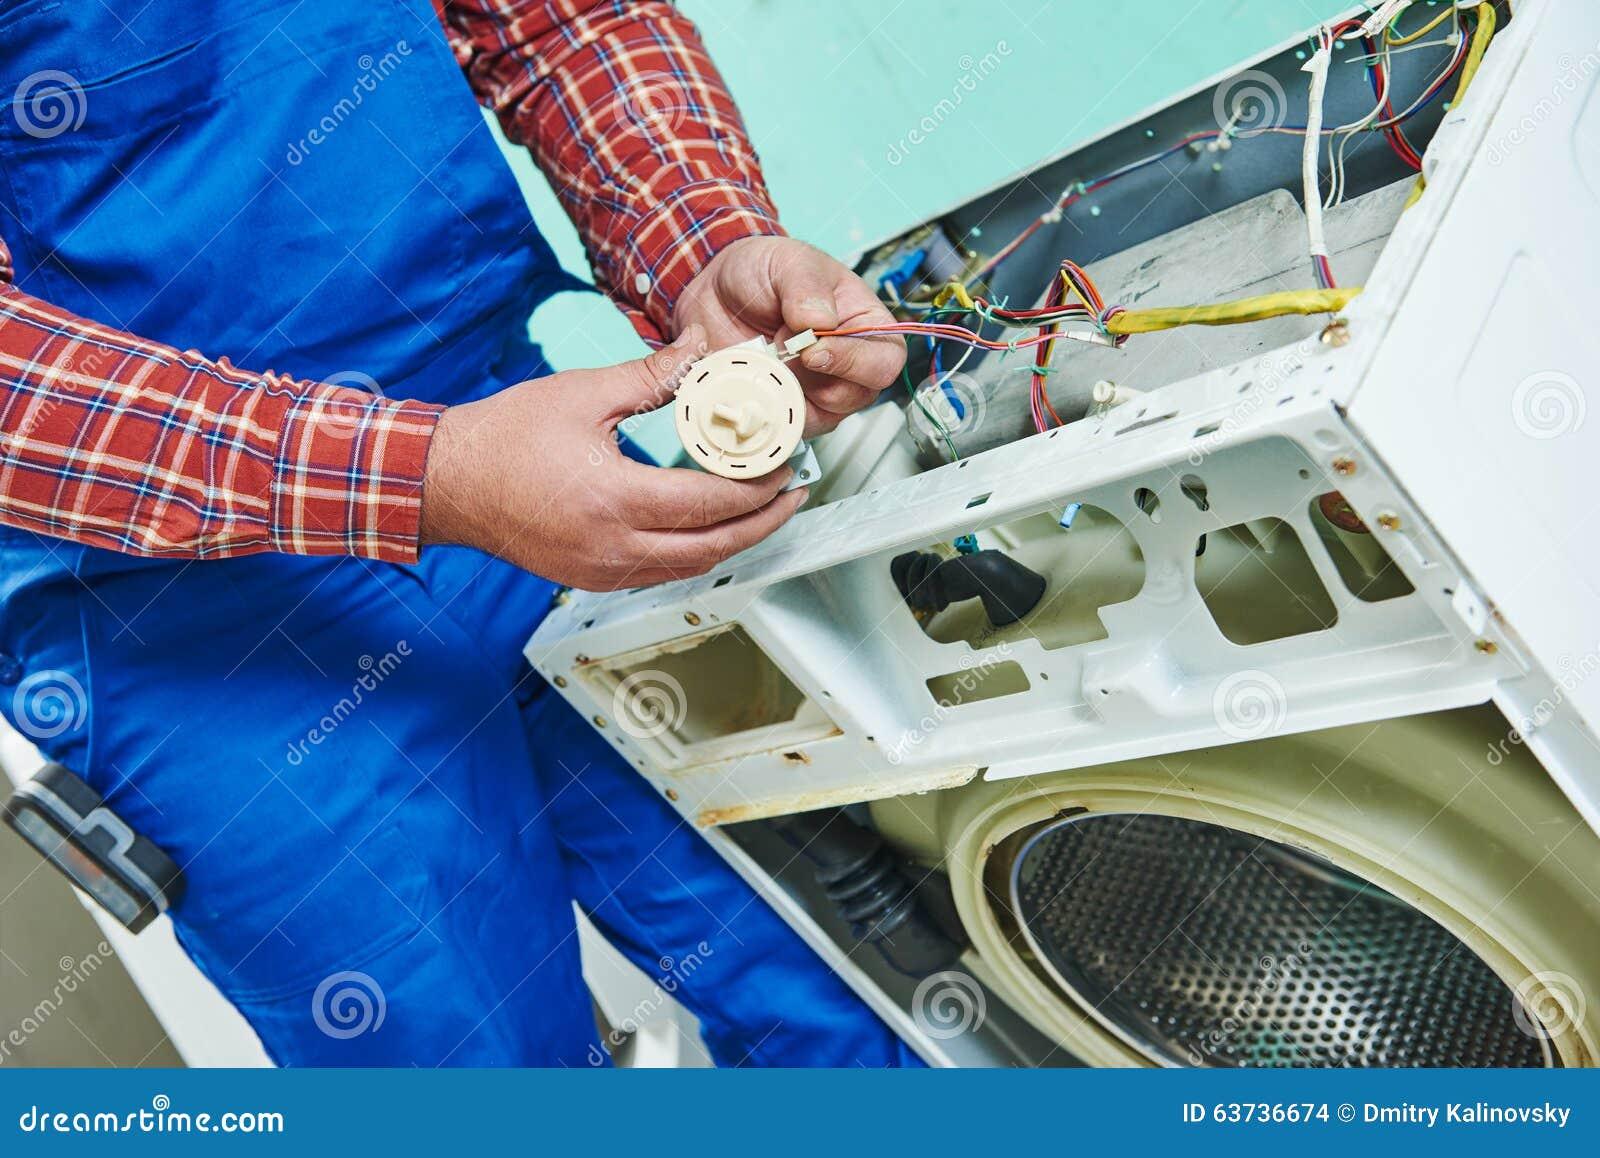 Remplacement de la sonde de pression de niveau d eau de la machine à laver